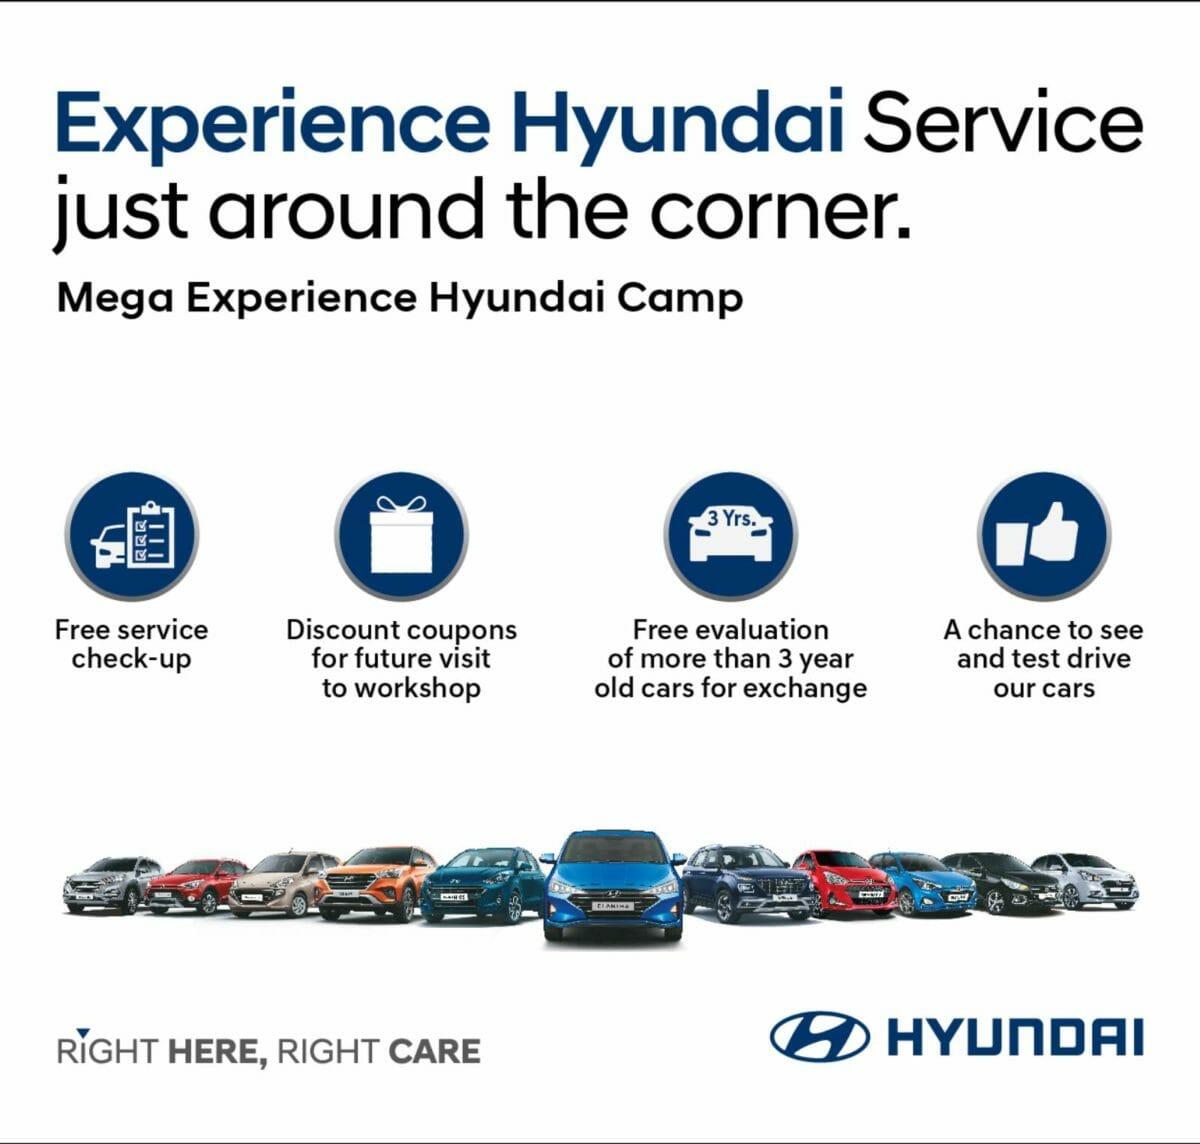 Mega 'Experience Hyundai' Camp 2